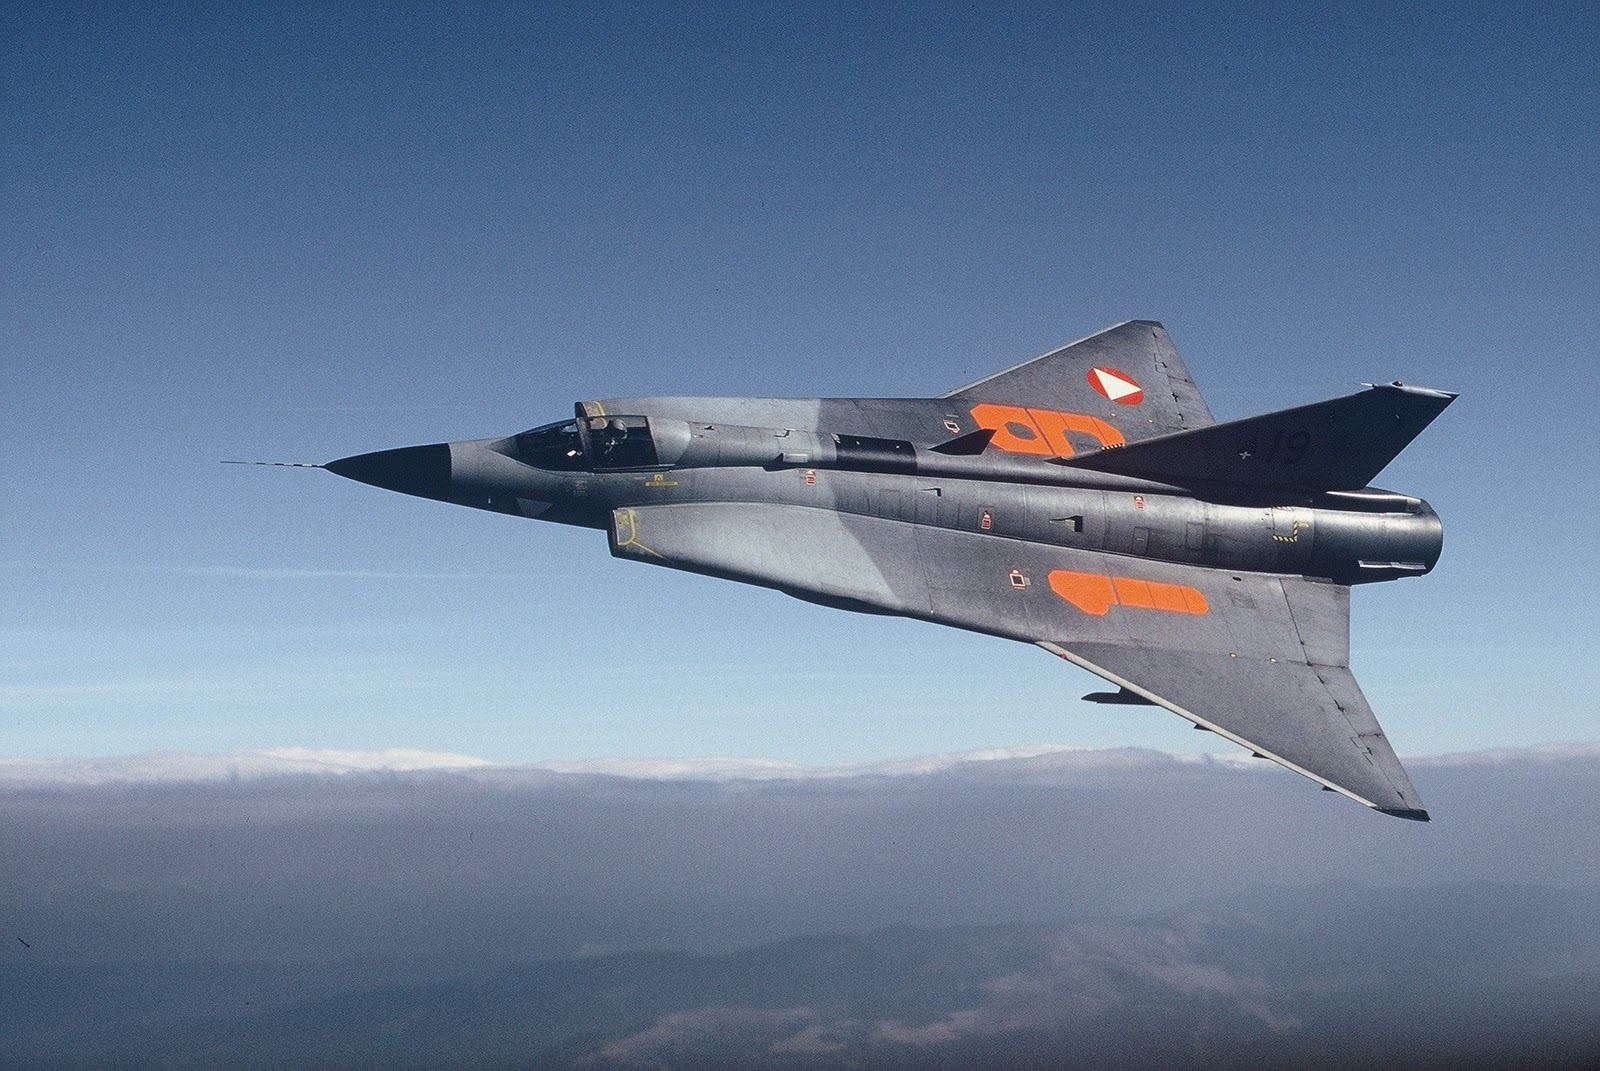 Global War Birds: Saab 35 Draken Wallpapers & Specifications